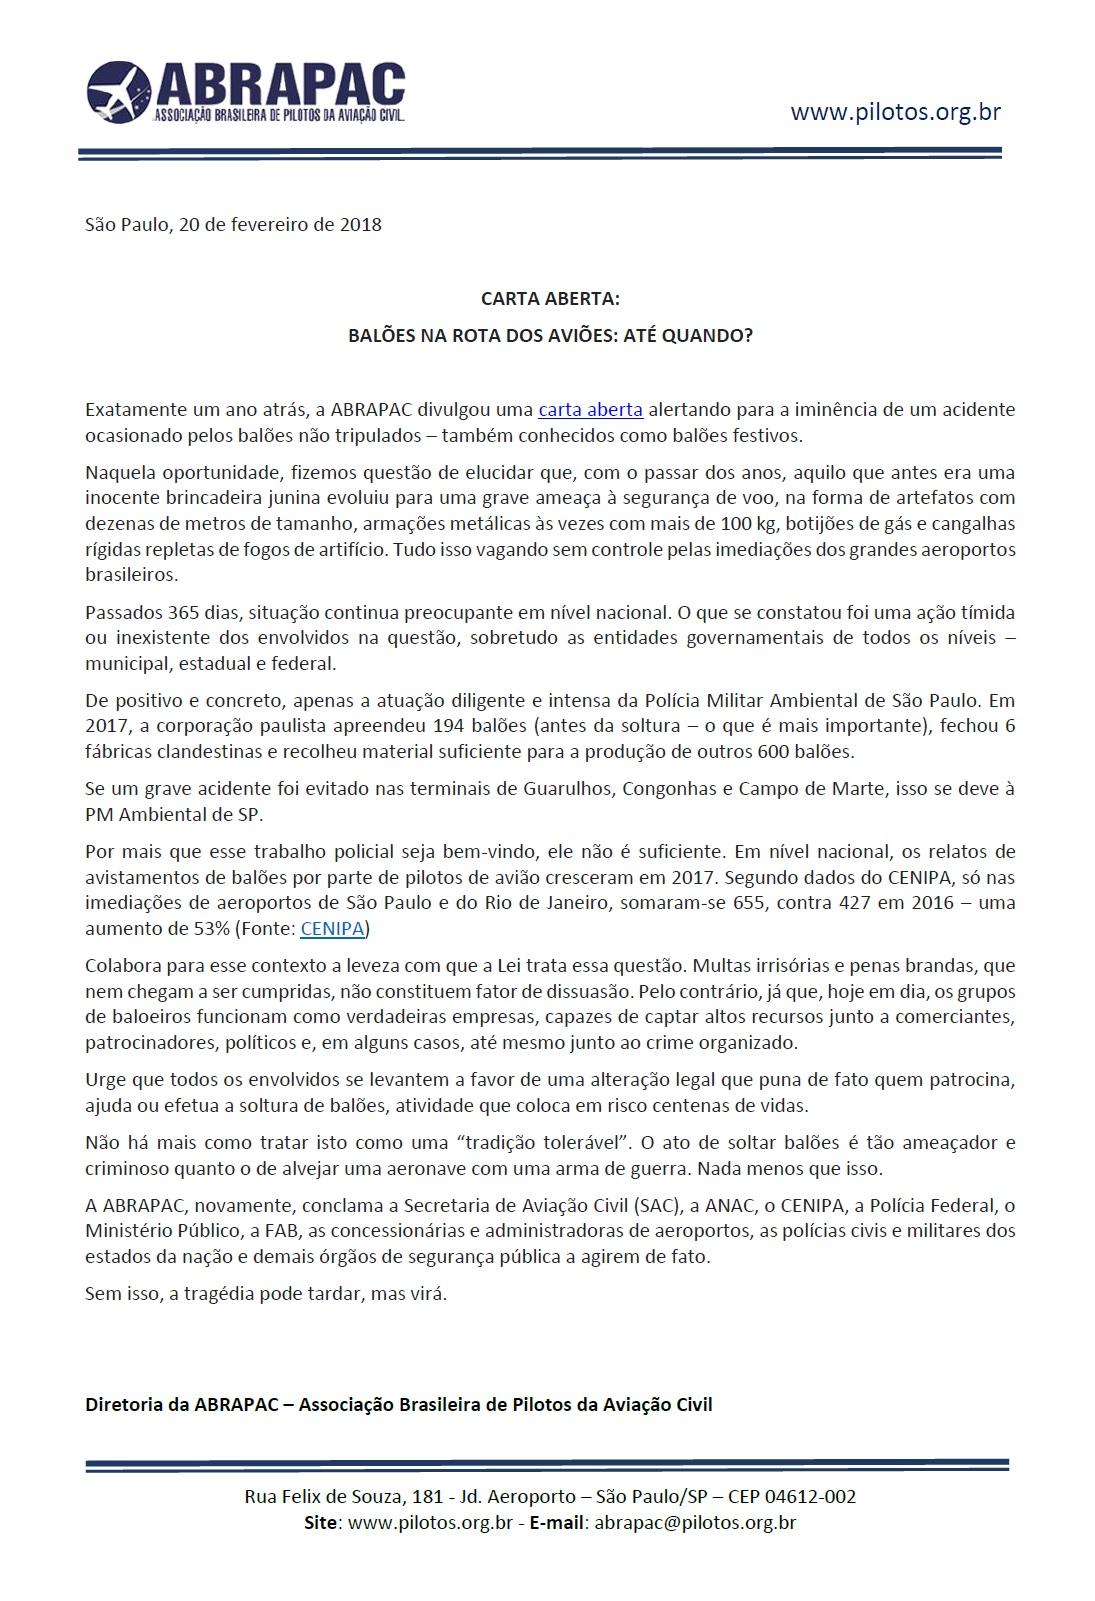 158a5a52b98b4 Diretoria da ABRAPAC – Associação Brasileira de Pilotos da Aviação Civil